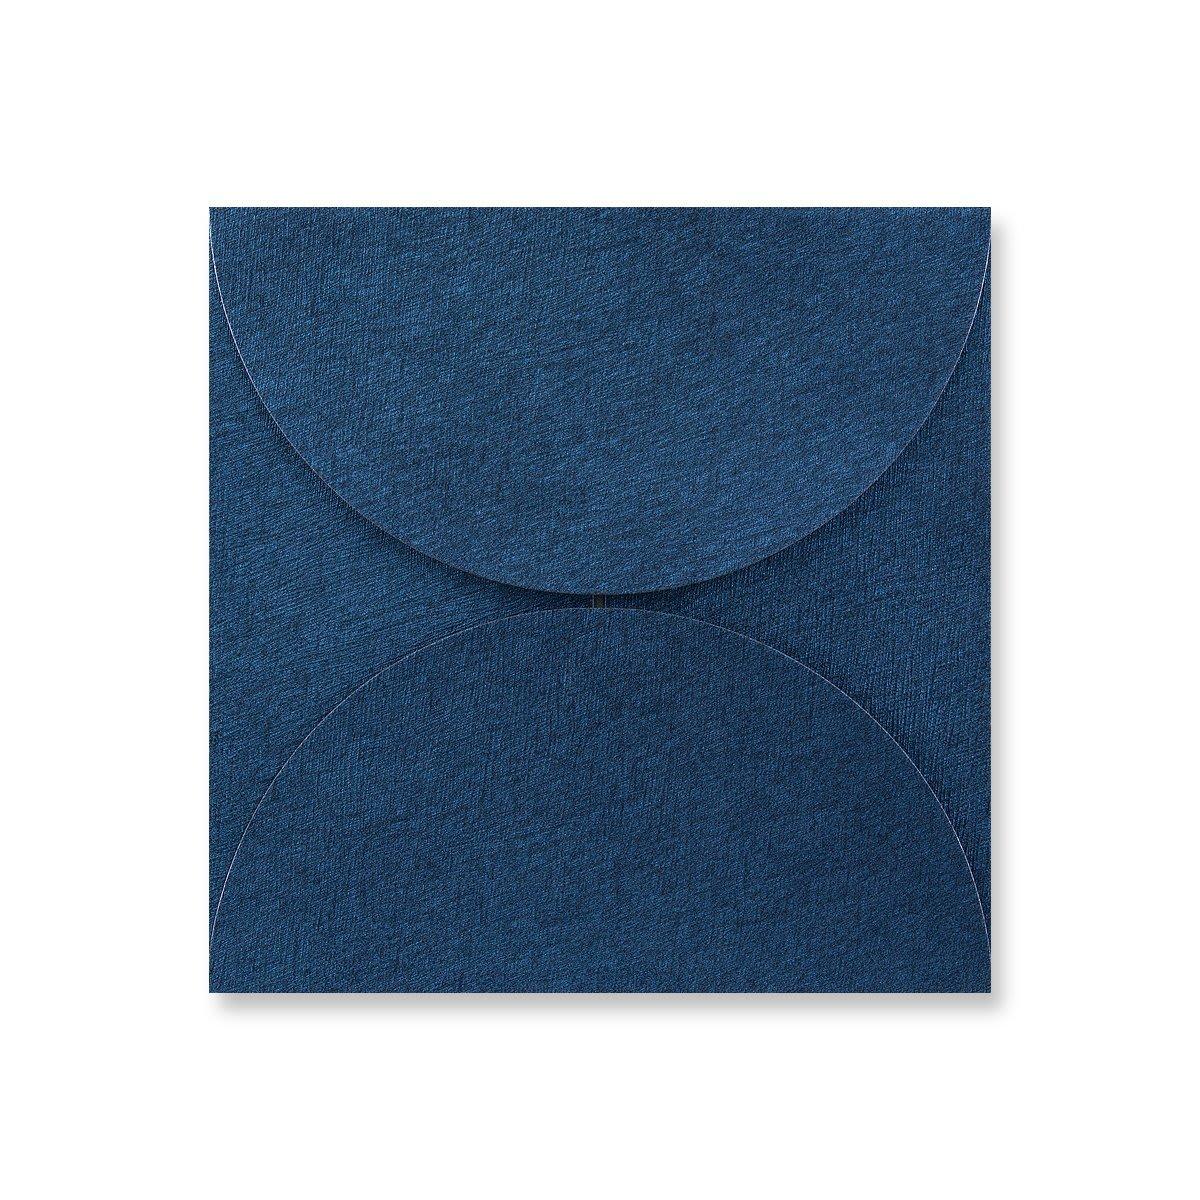 145 x 145mm ROYAL BLUE POUCHETTES